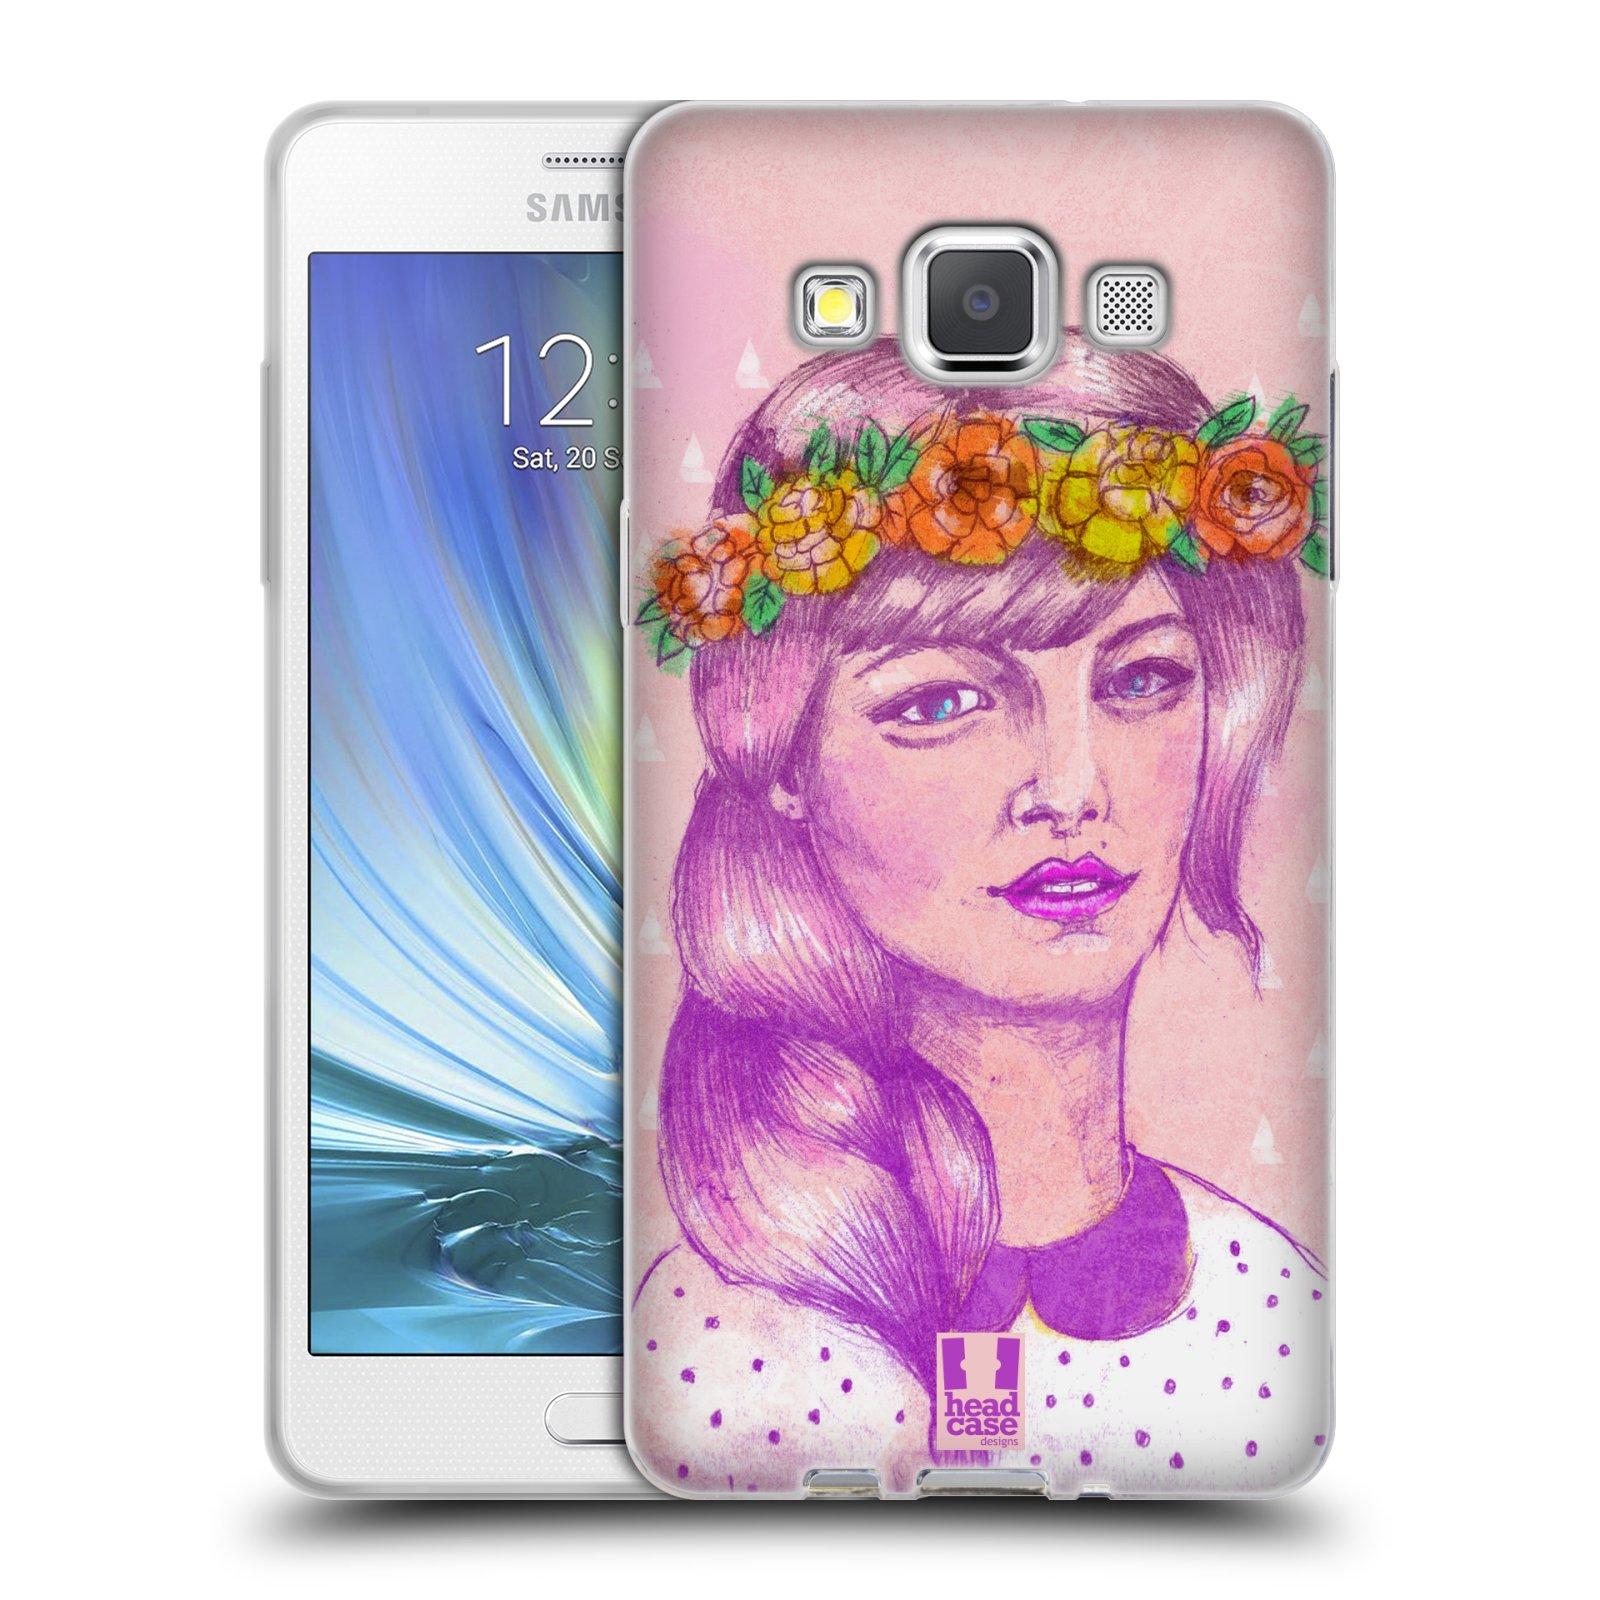 HEAD CASE silikonový obal na mobil Samsung Galaxy A5 vzor Dívka dlouhé květinové vlasy KRÁSA